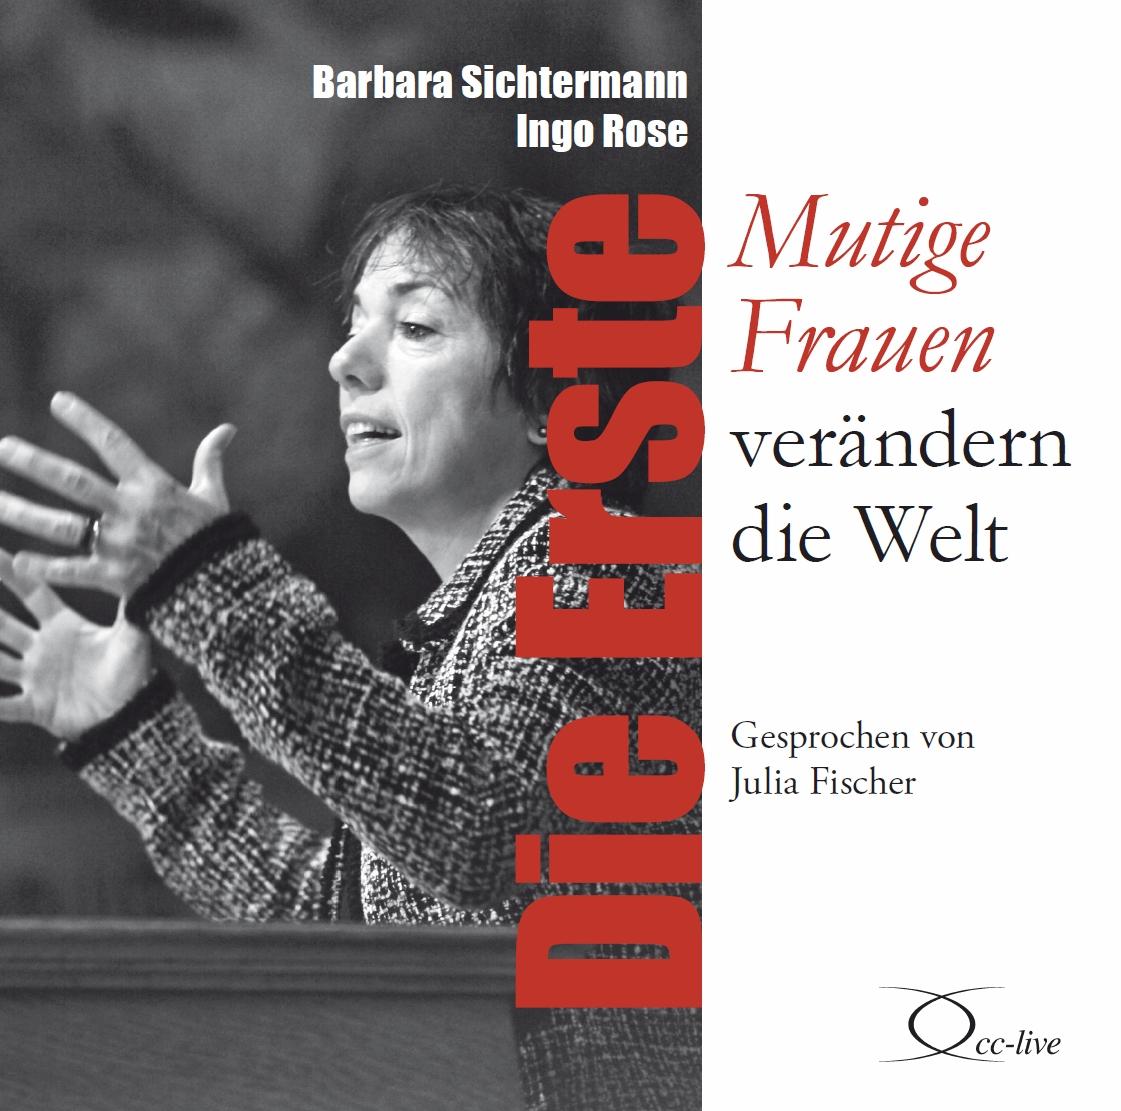 Die Erste Barbara Sichtermann